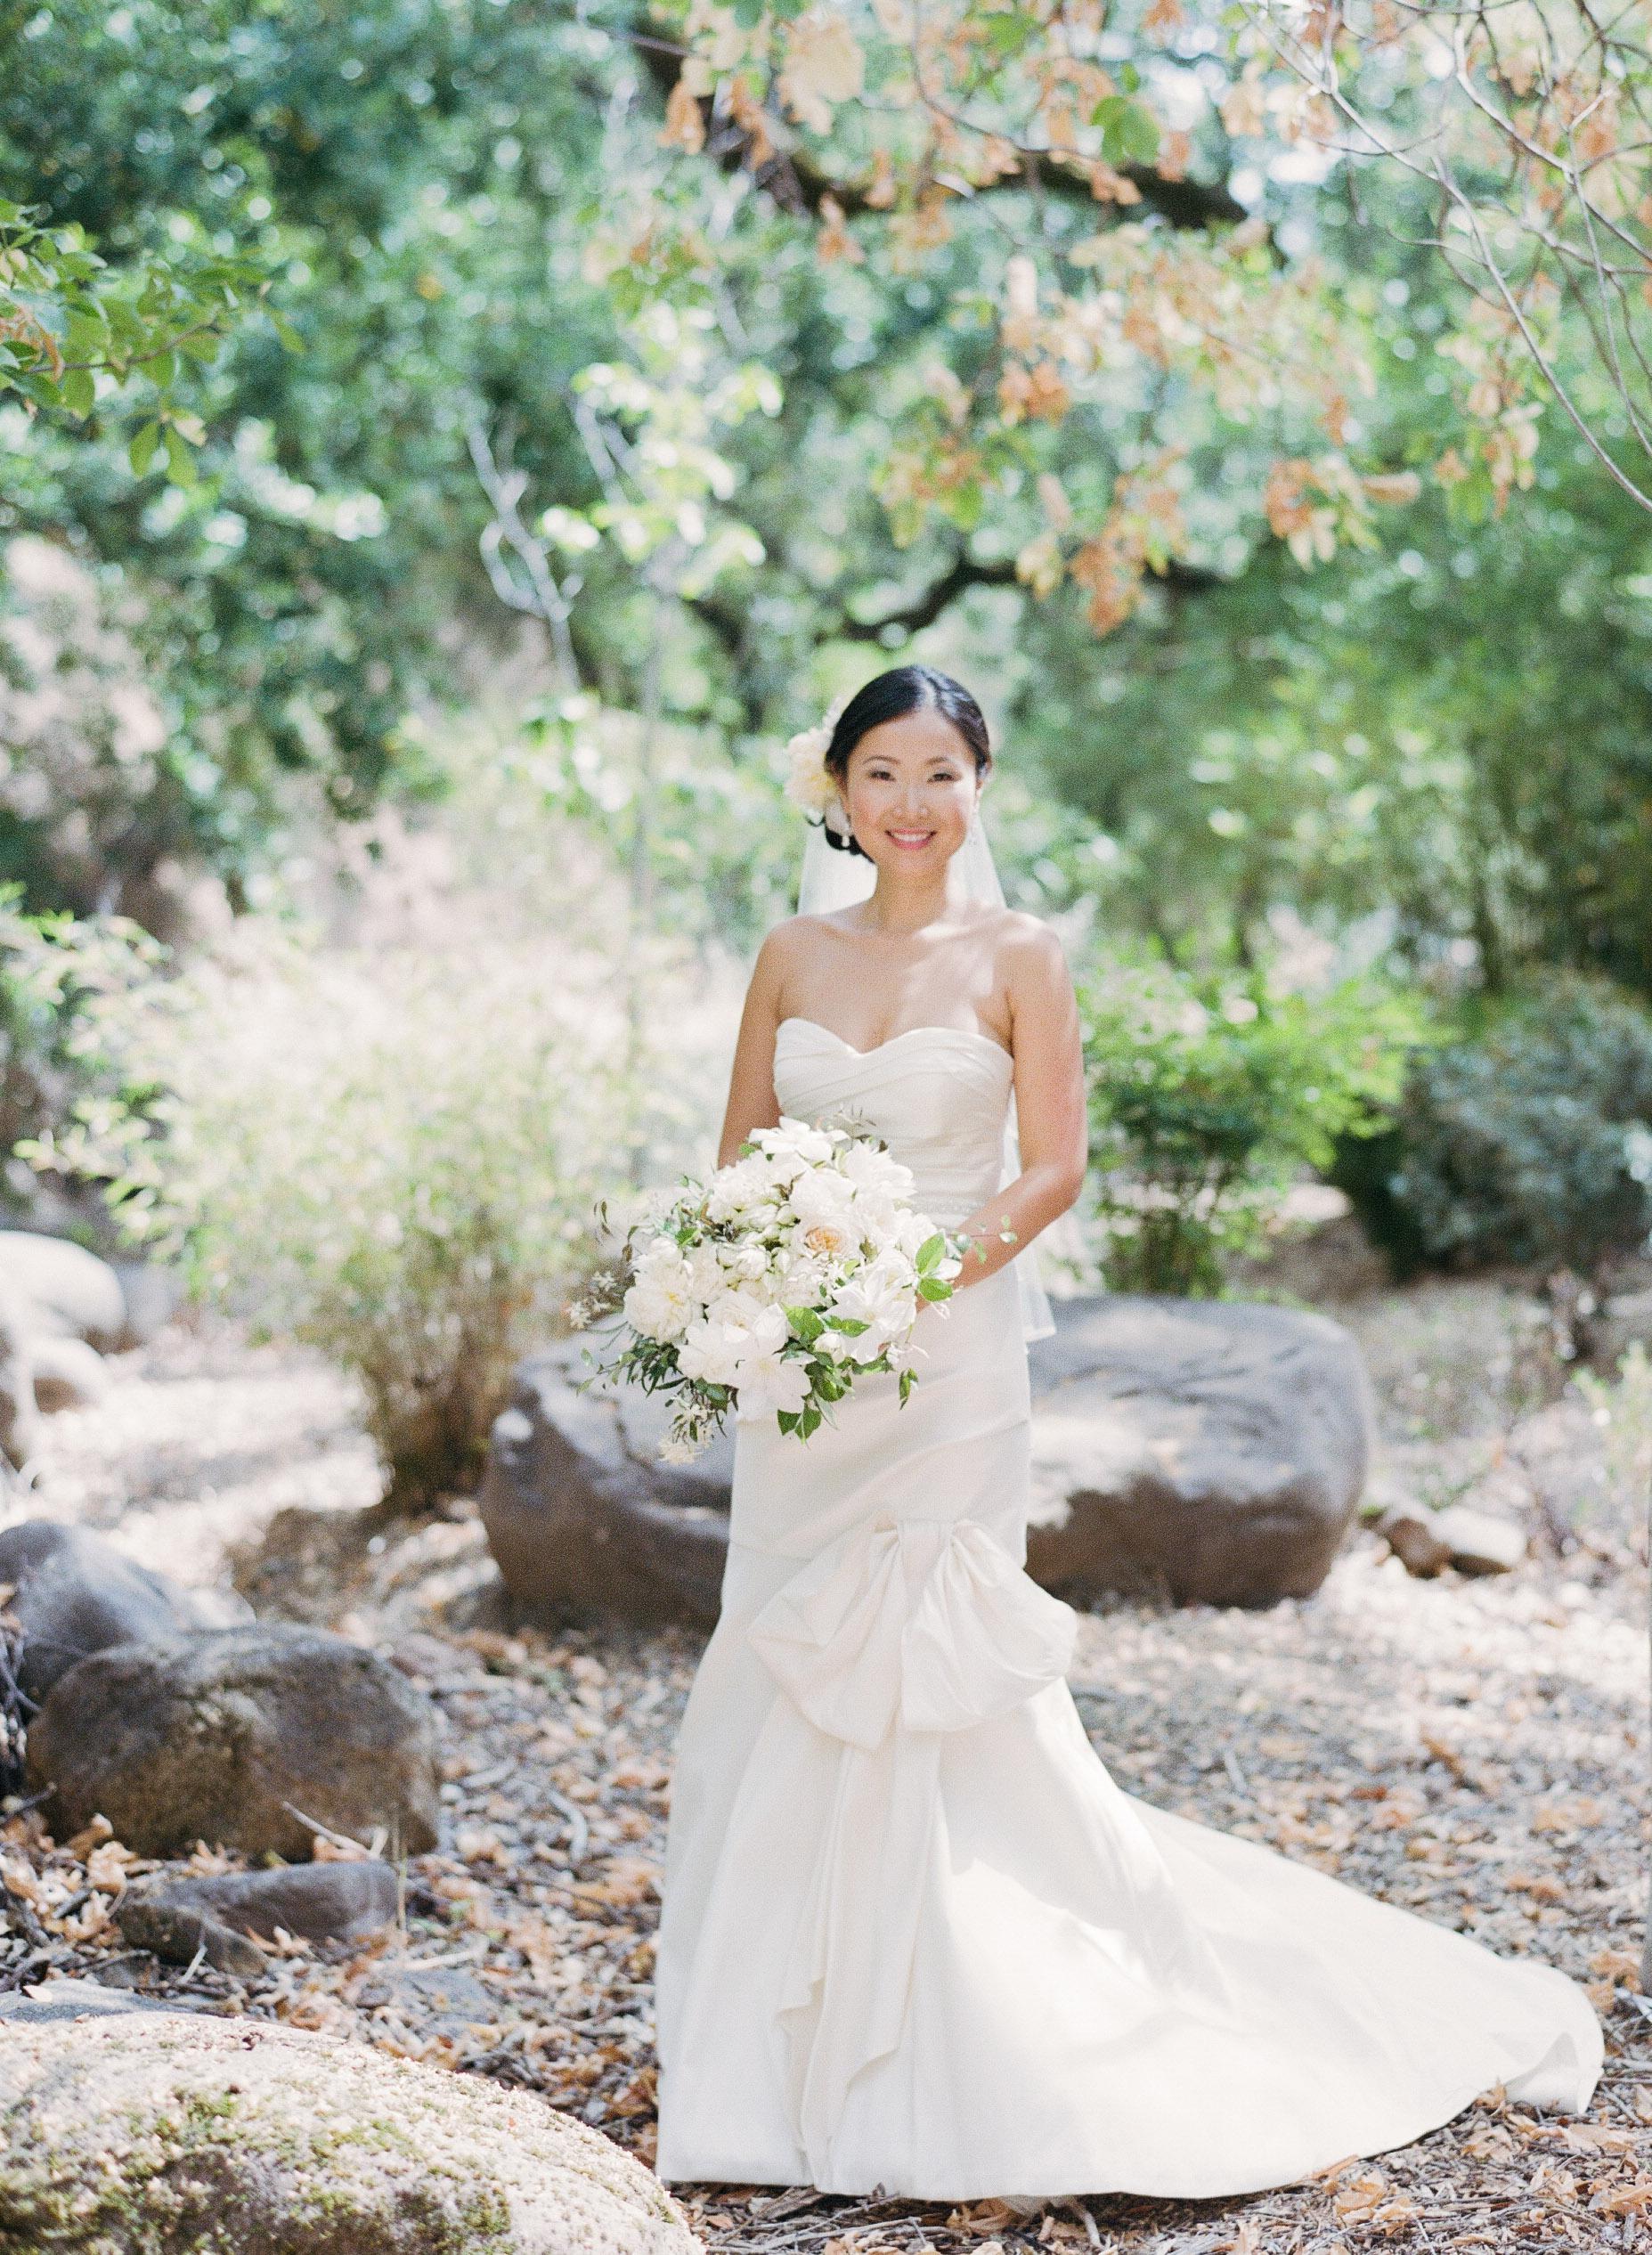 SylvieGil-Bride, Ceremony, Family, film, Groom, Napa, Reception, Wedding, Wedding Party-16.jpg